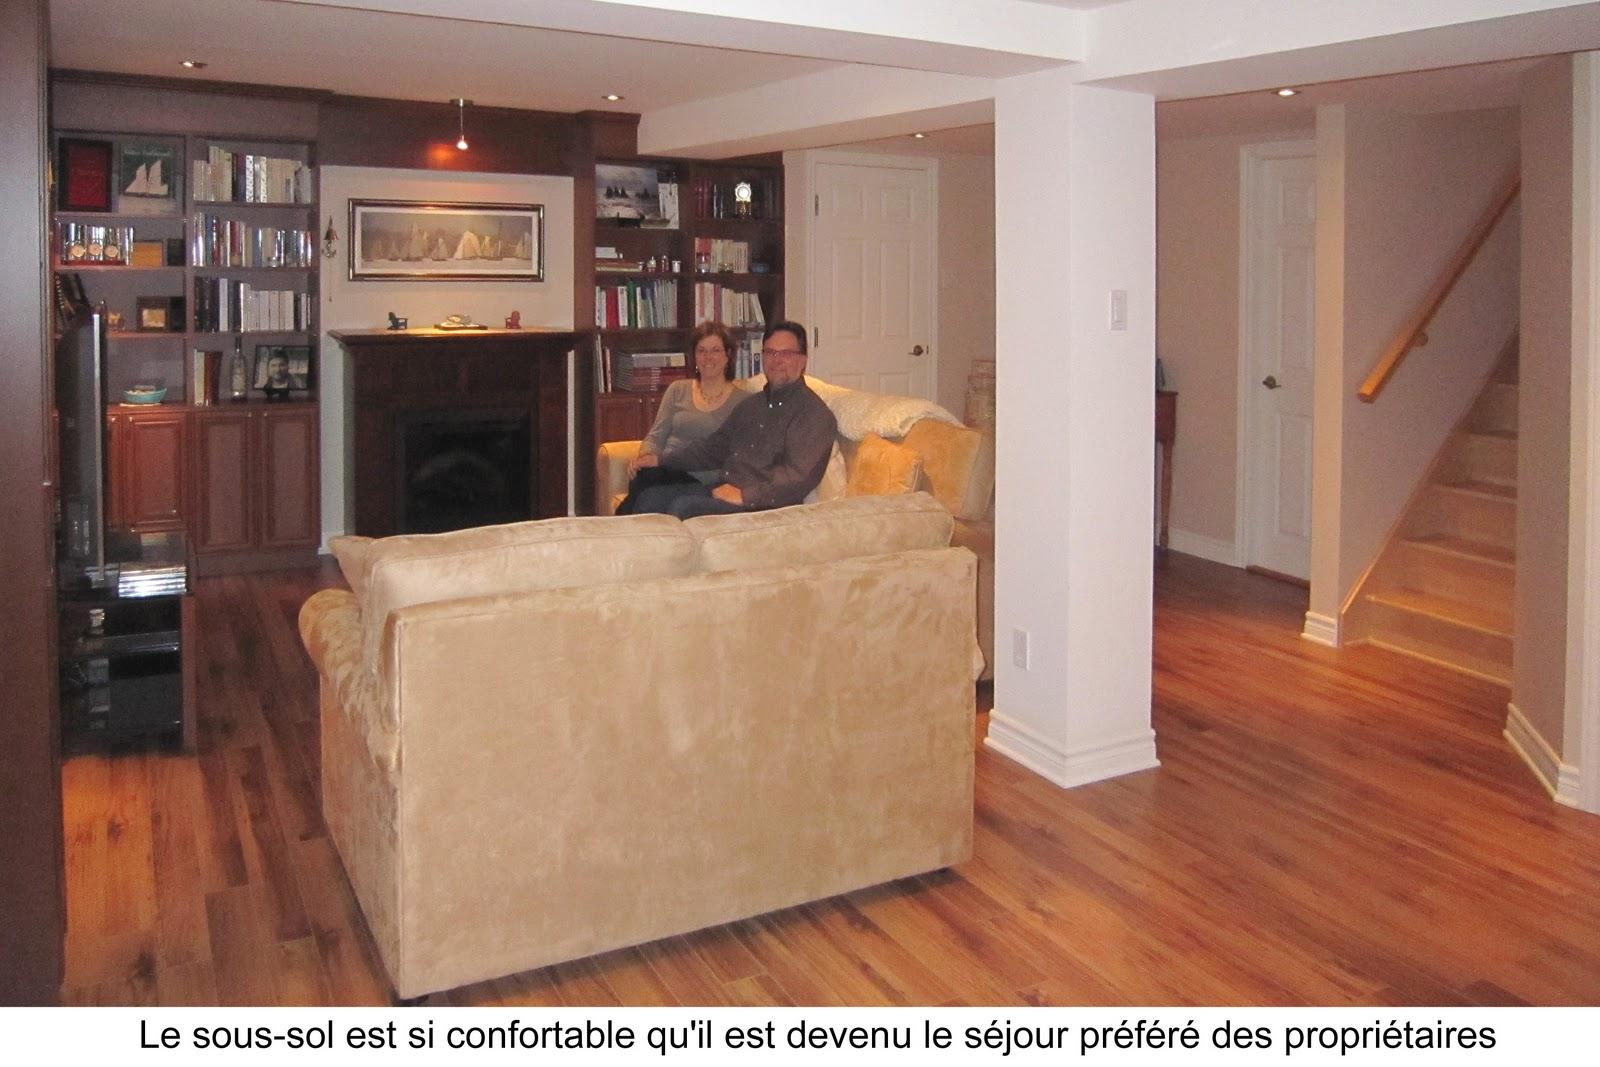 Cuisine salle de bain plan design d co r novation - Idee renovation sous sol ...